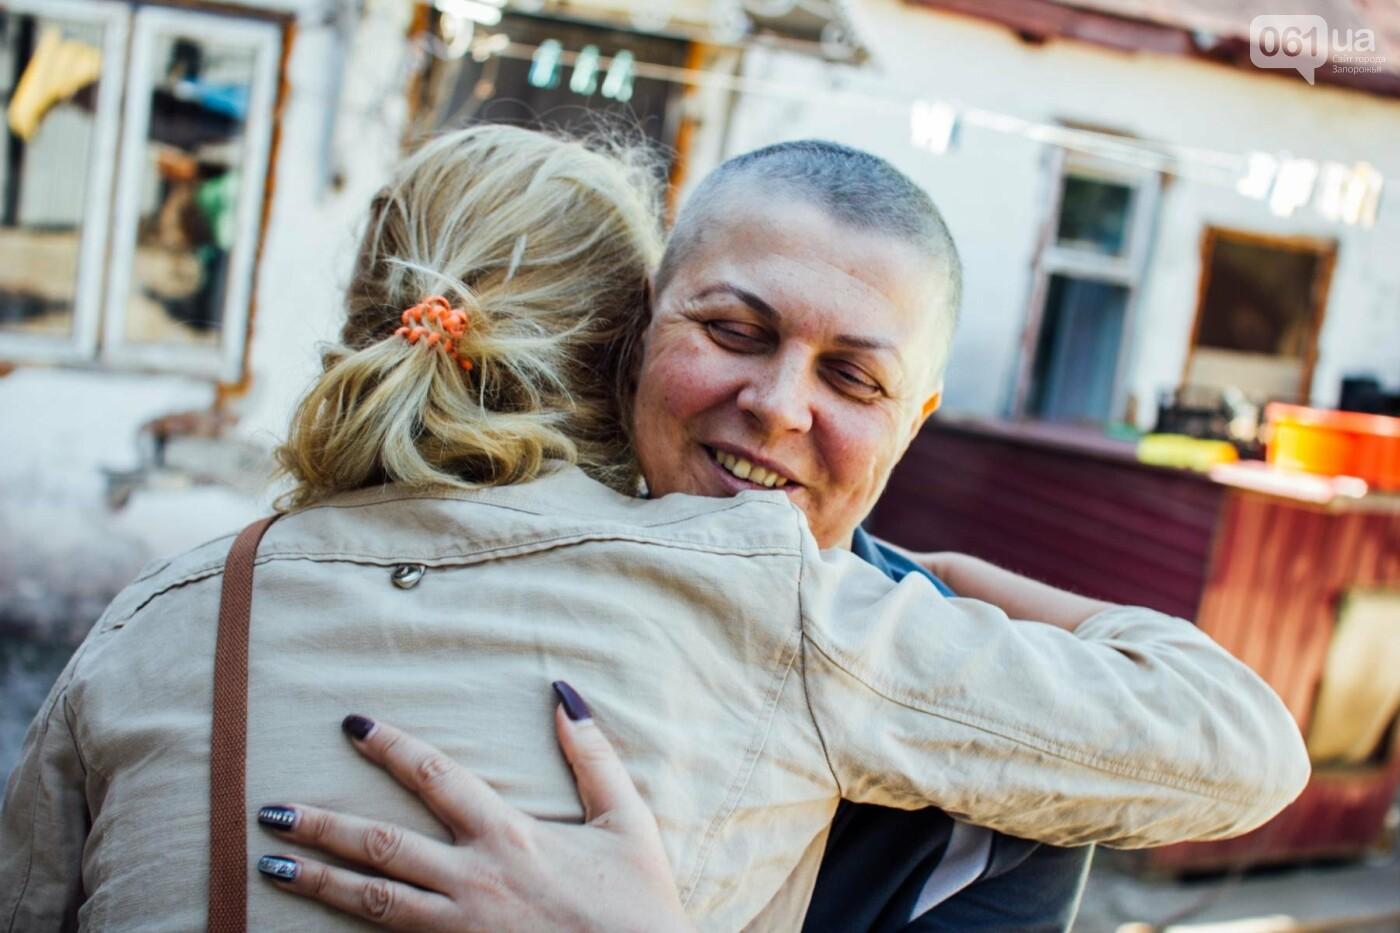 Последний шаг для Оли: как запорожанка проходила химиотерапию между сменами на заводе, фото-8